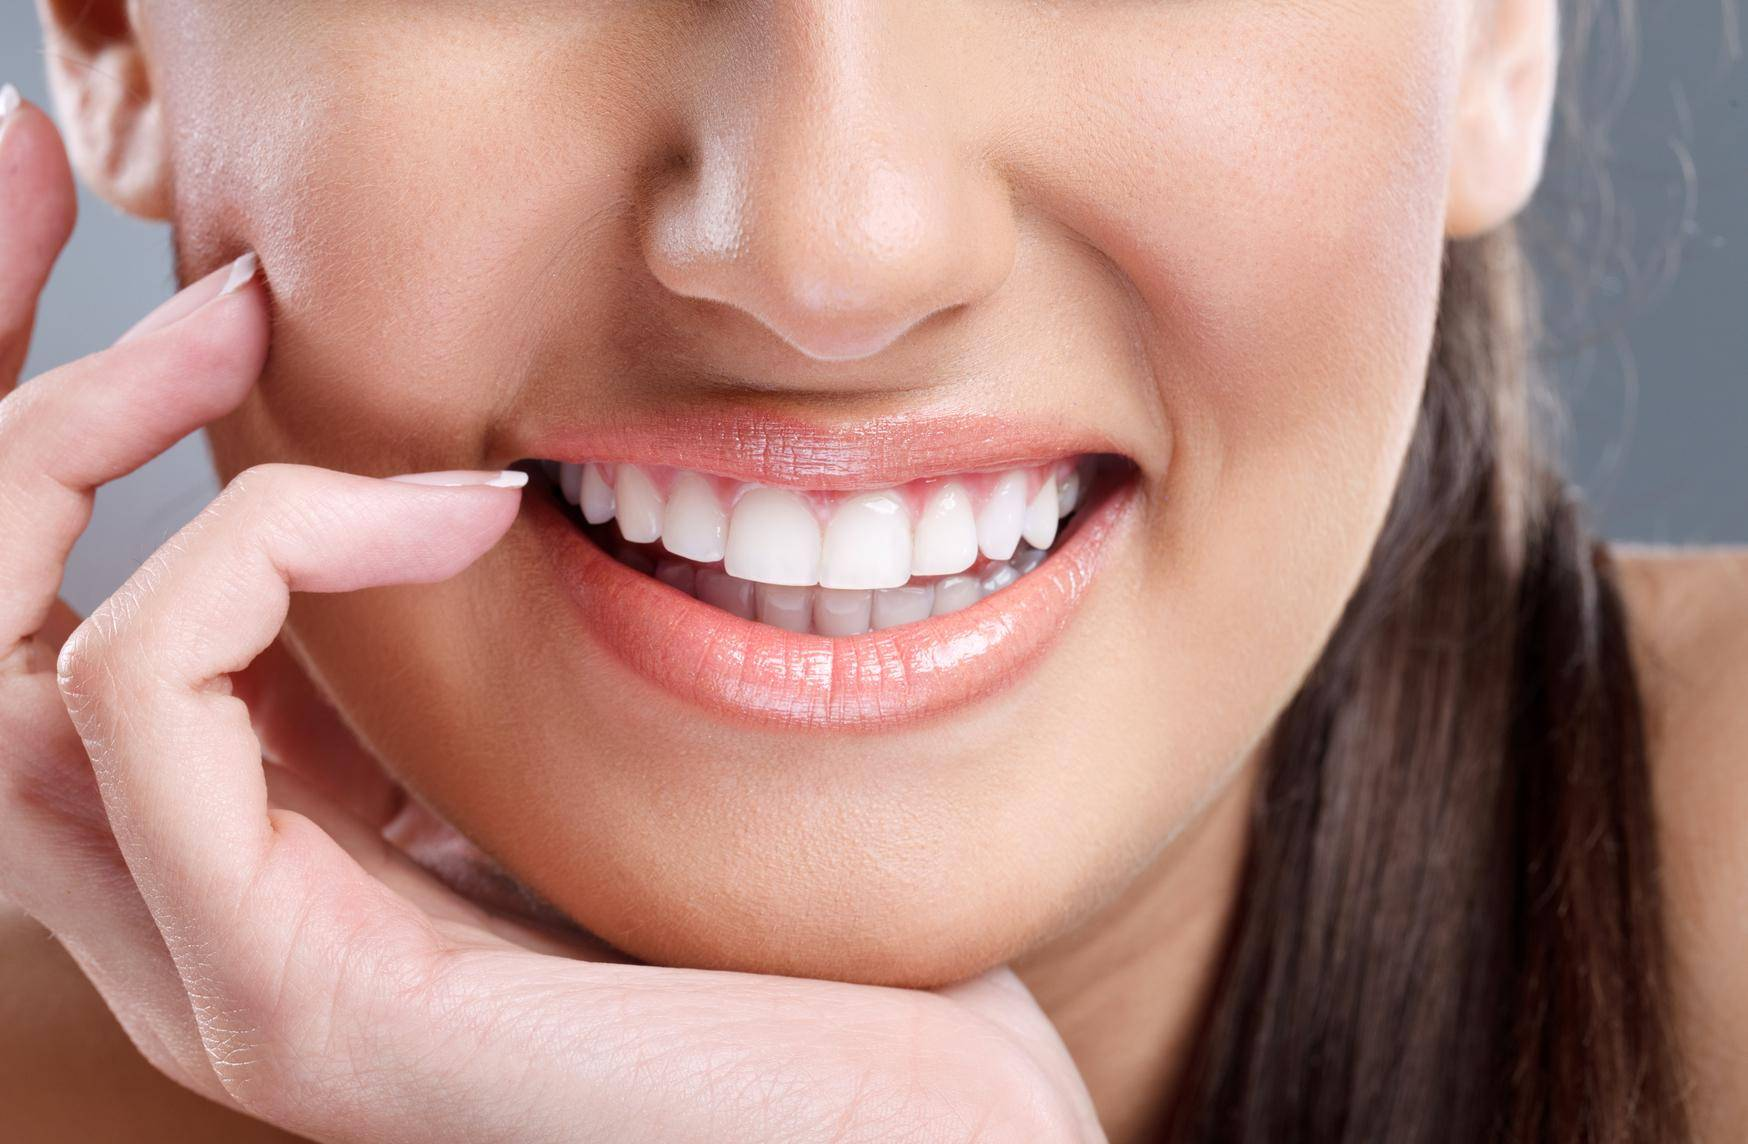 Рост челюстных костей от рождения до периода сформированного постоянного прикуса.